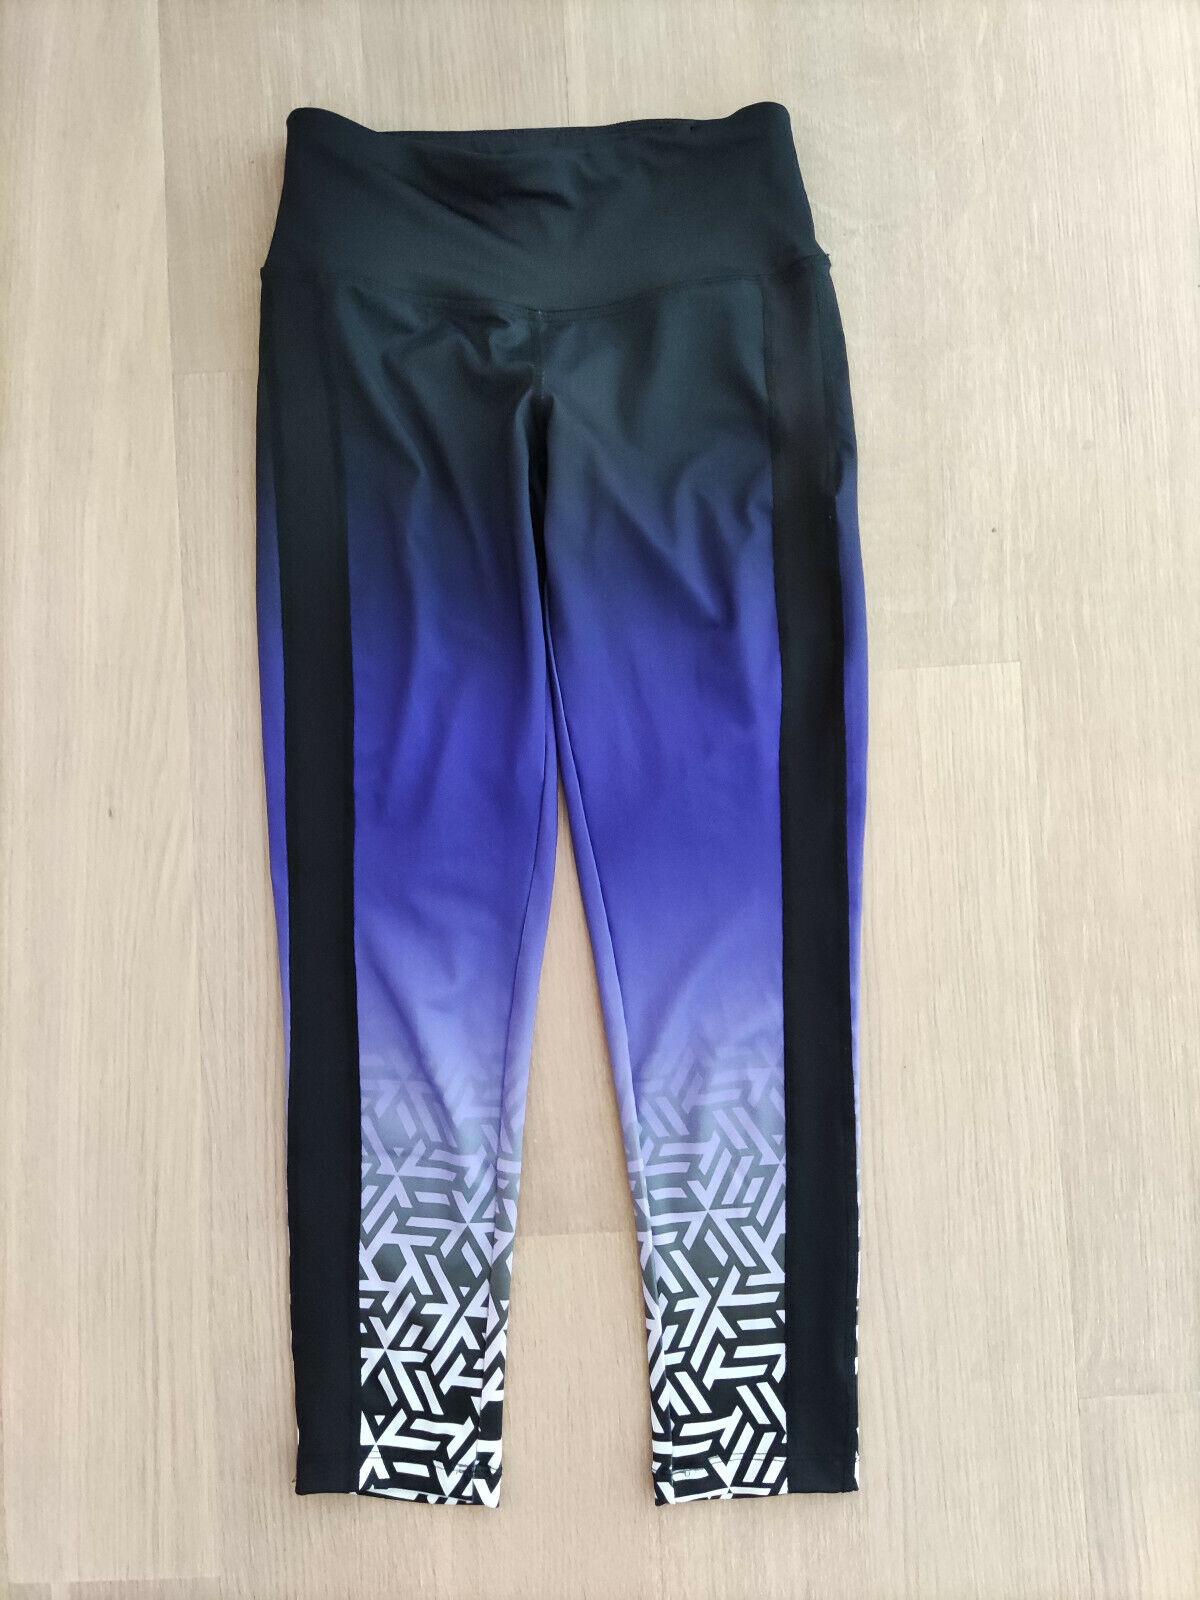 Sporthgose Leggings Fitnesshose Gr. XS ESmara schwarz-weiß-Verlauf, TOP Zustand